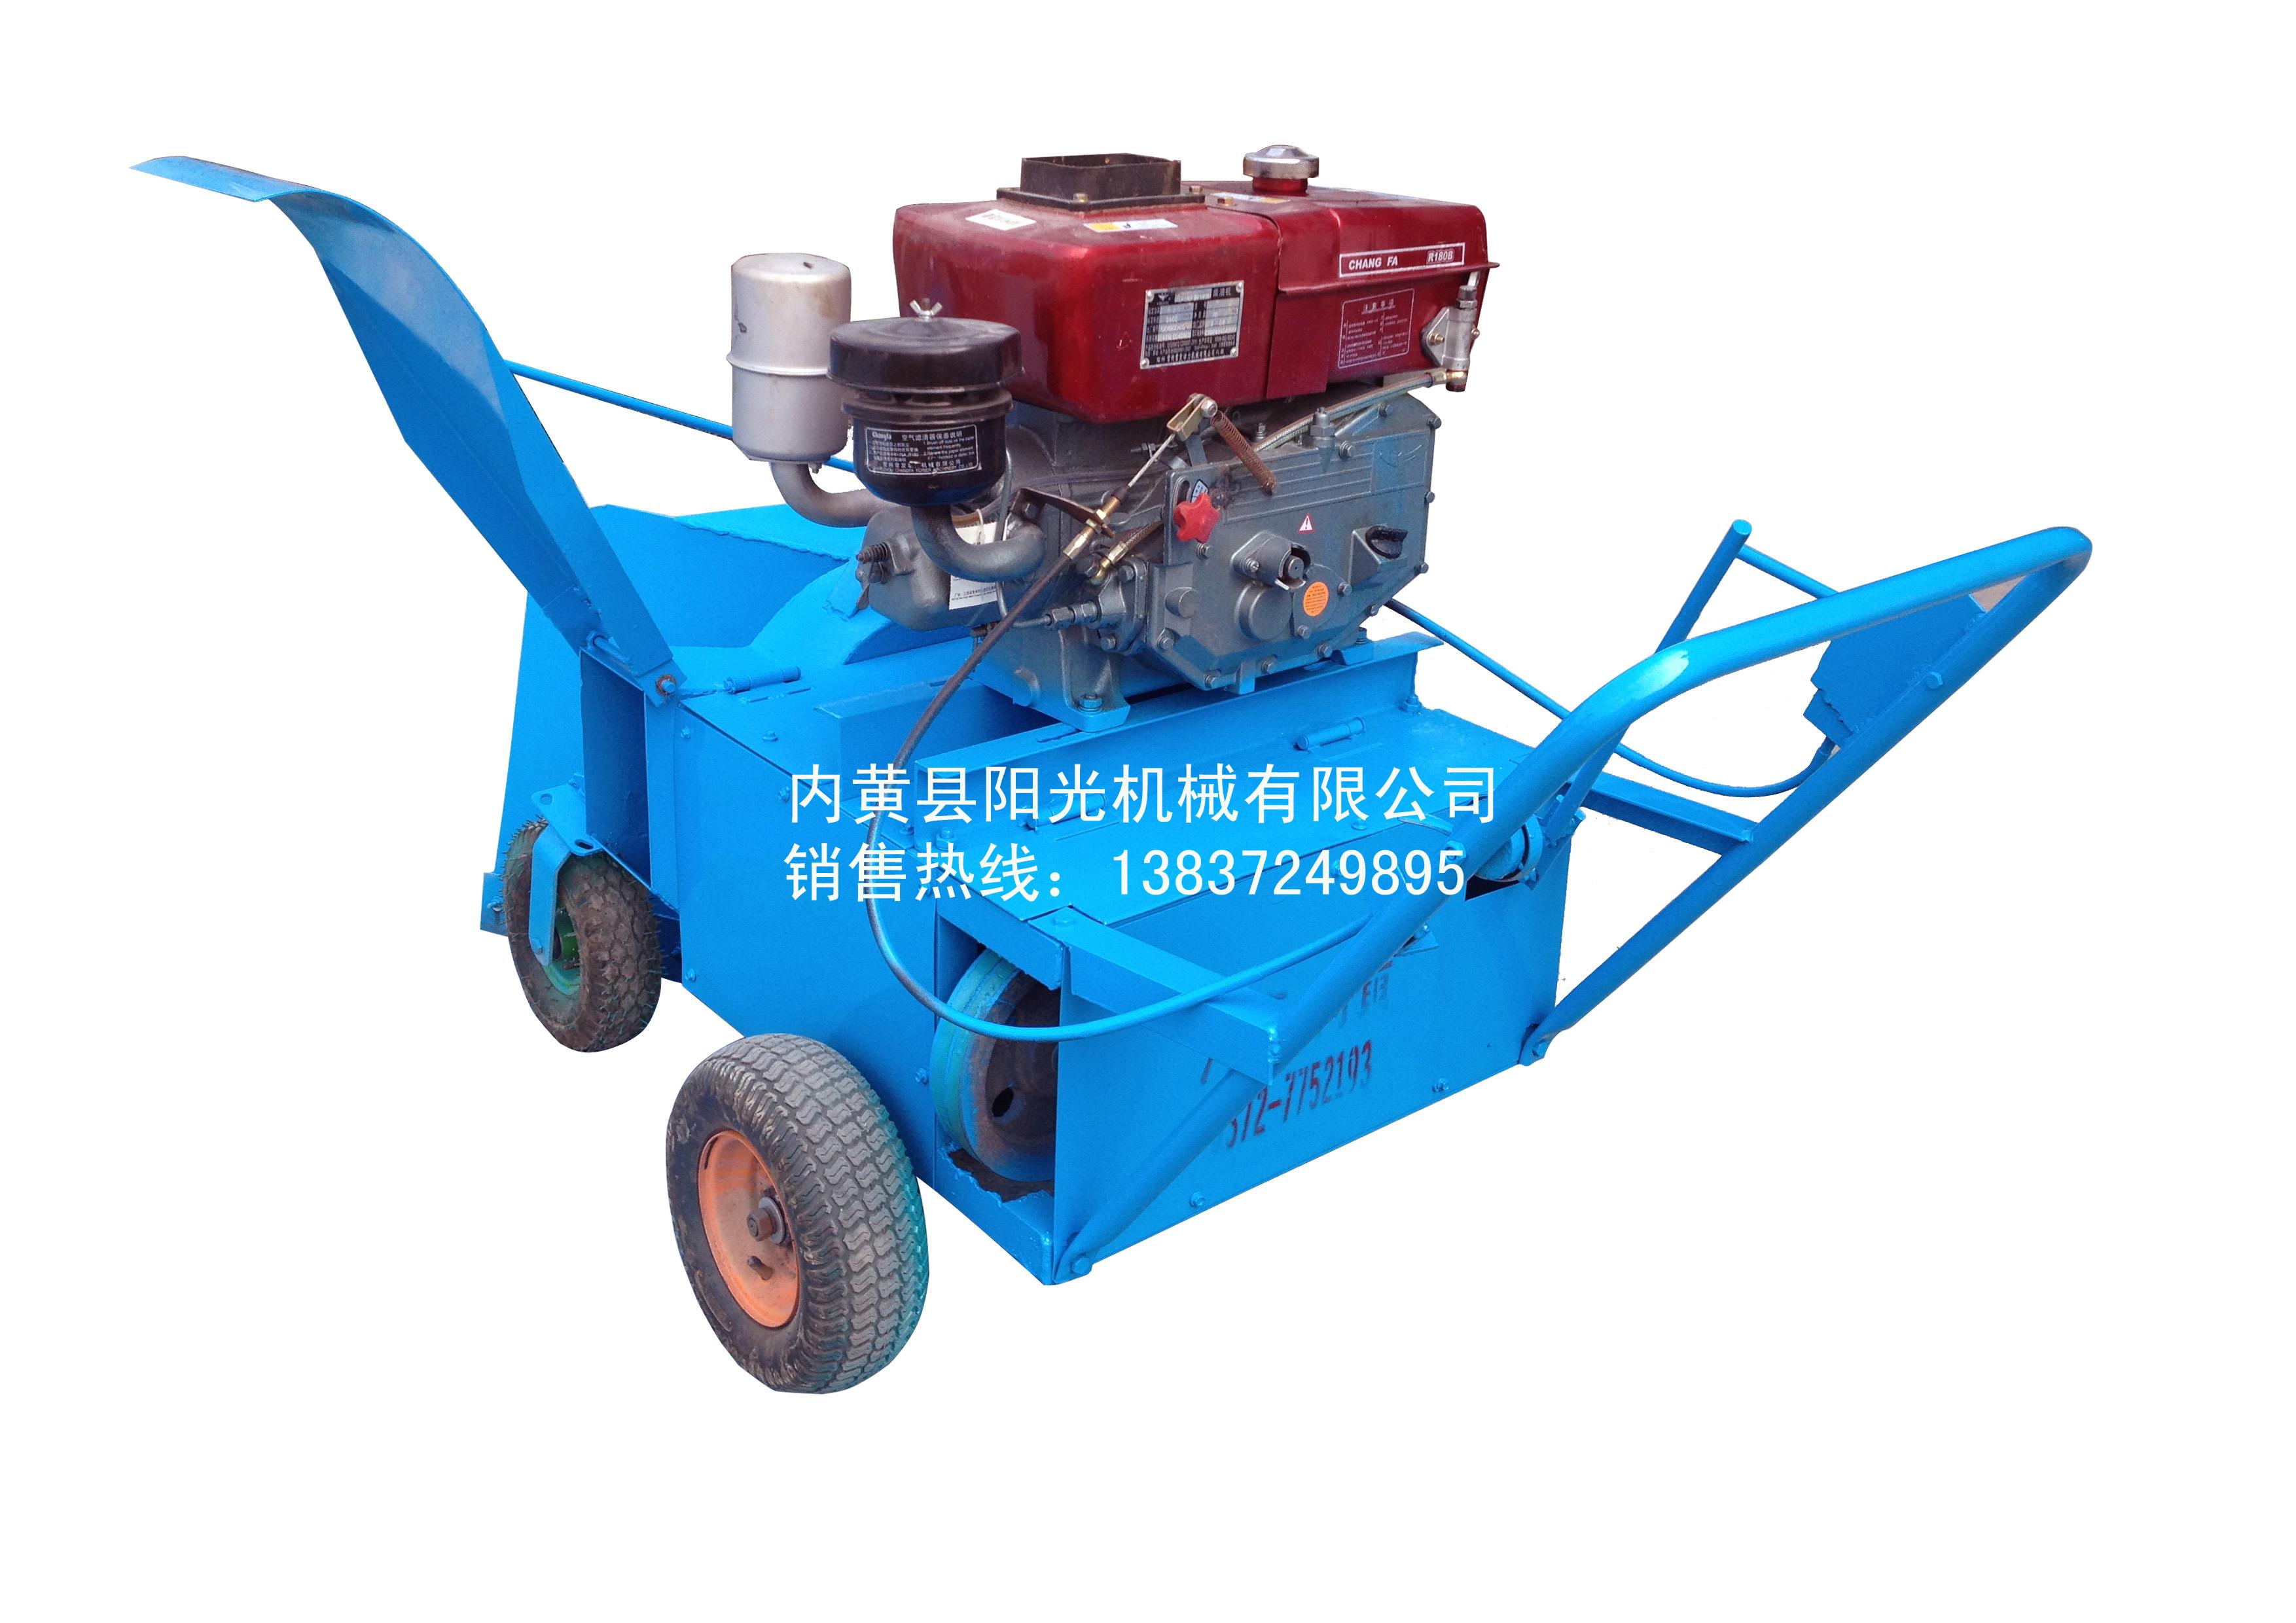 北京柴油翻堆拌料机